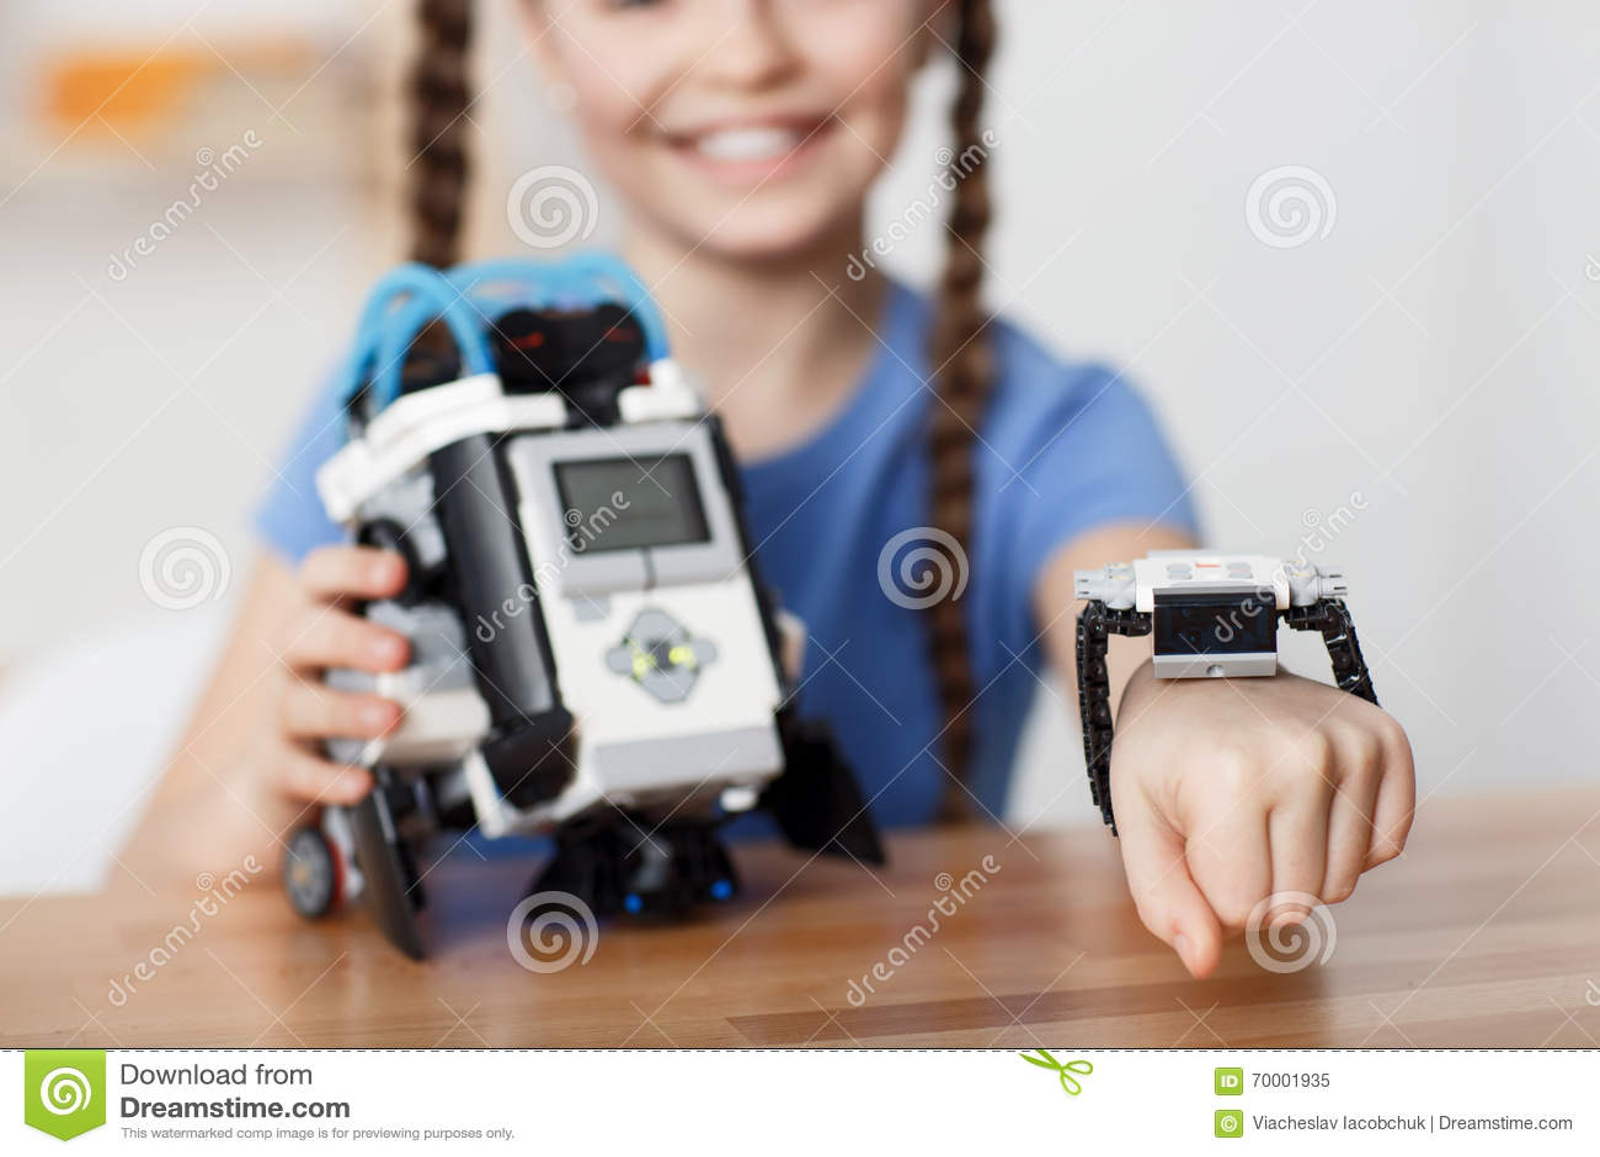 Nice girl playing with robot